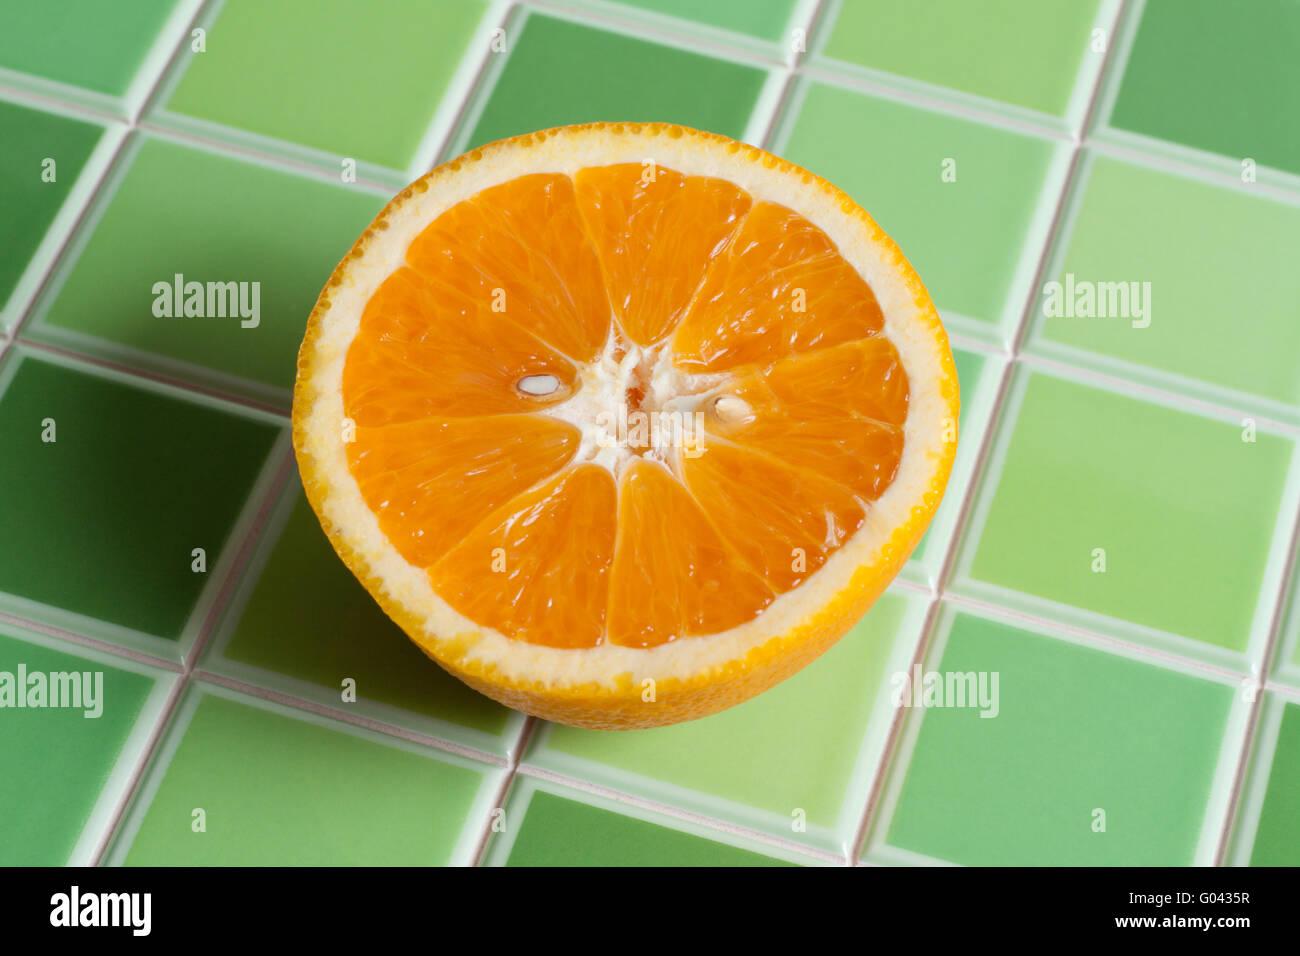 Piastrelle di agrumi arancione immagini piastrelle di agrumi